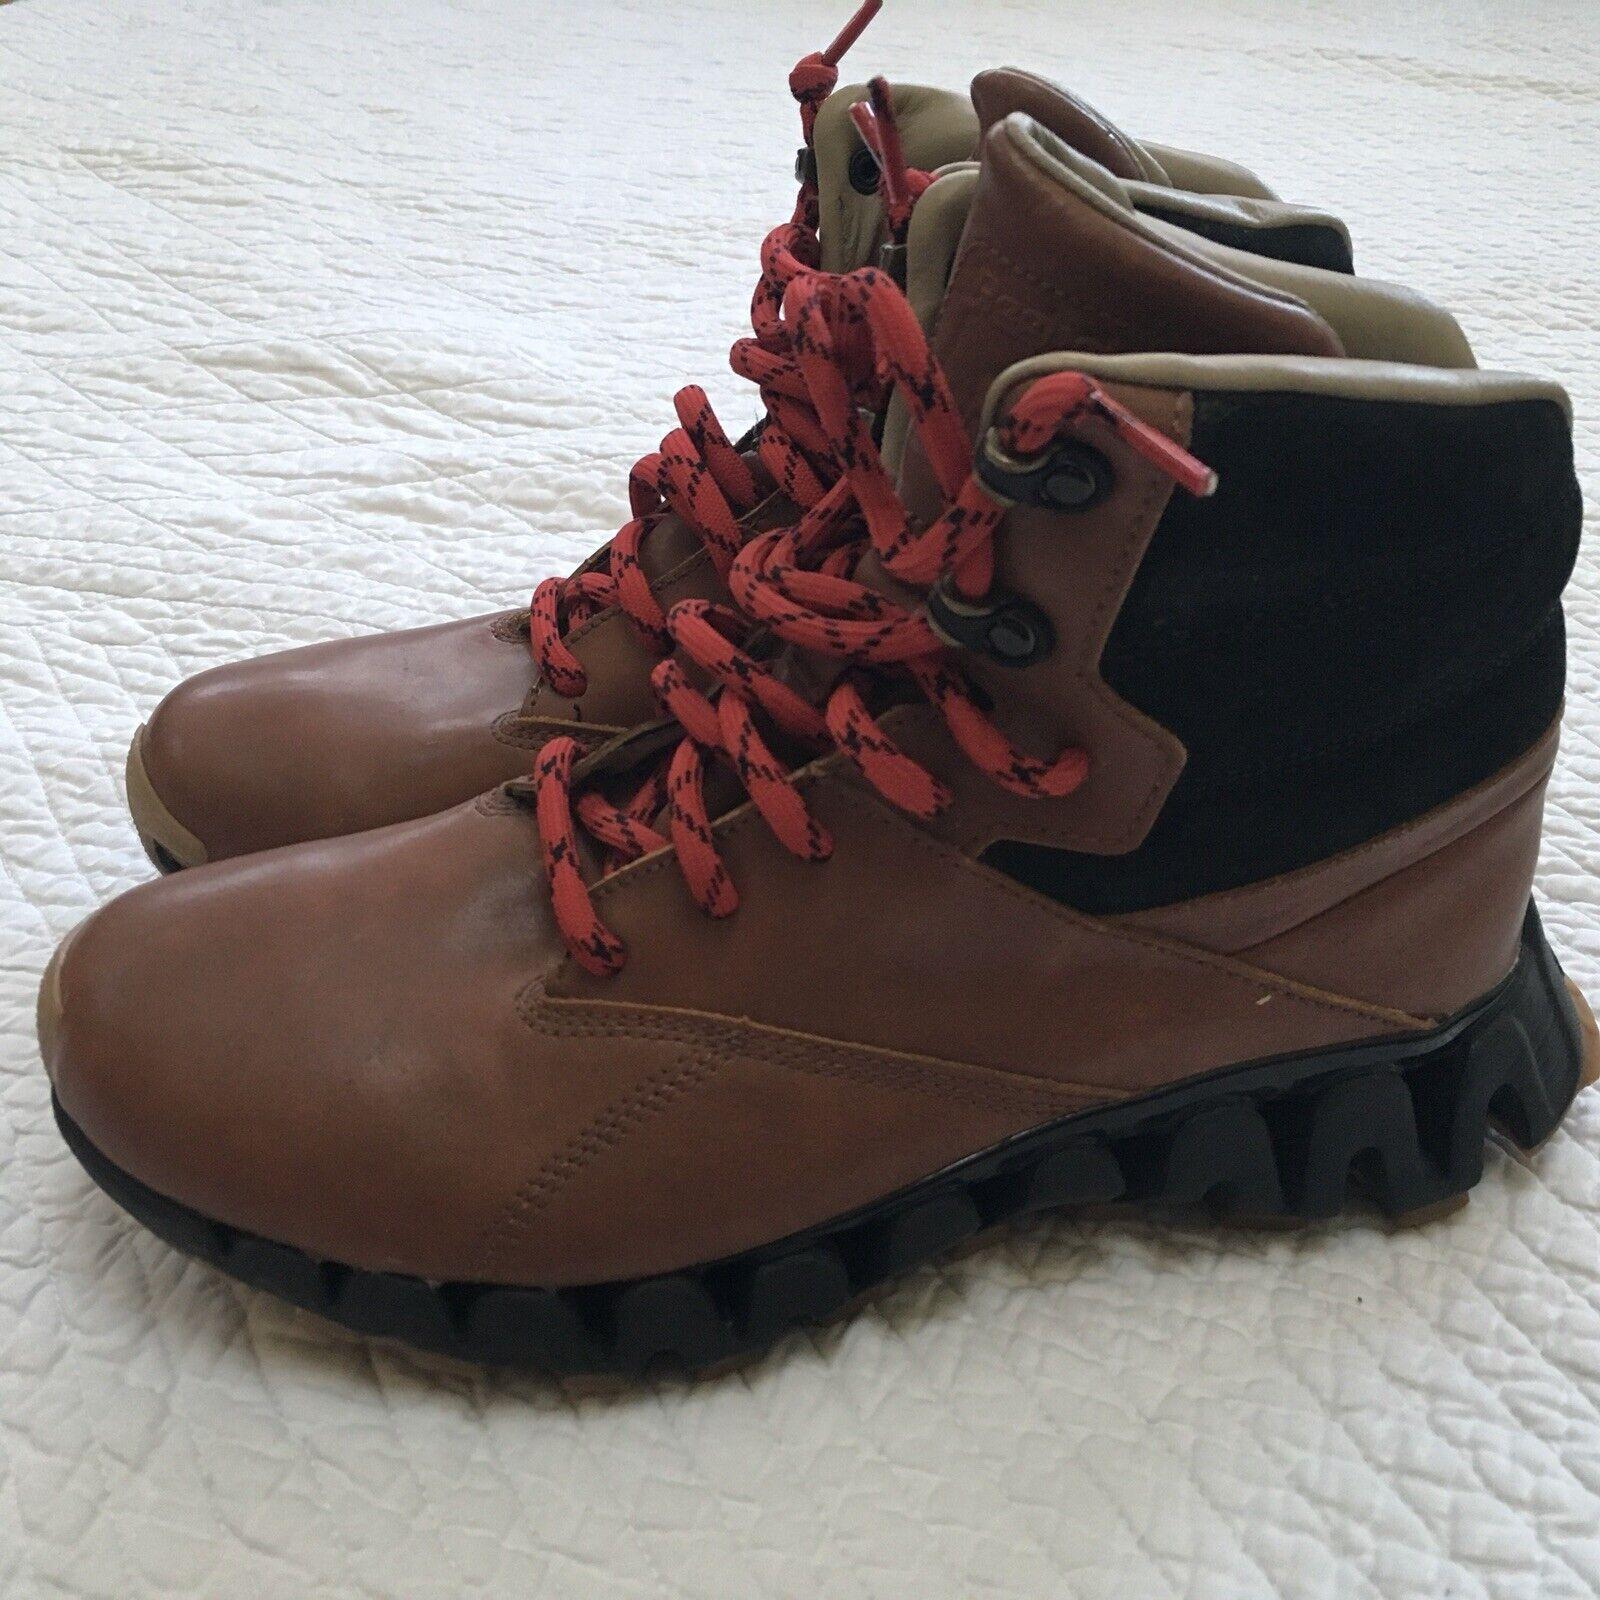 Reebok Zig Tech Cliffhanger Hiking Boots EU 38 Mens Size 6 Womens 7-7.5